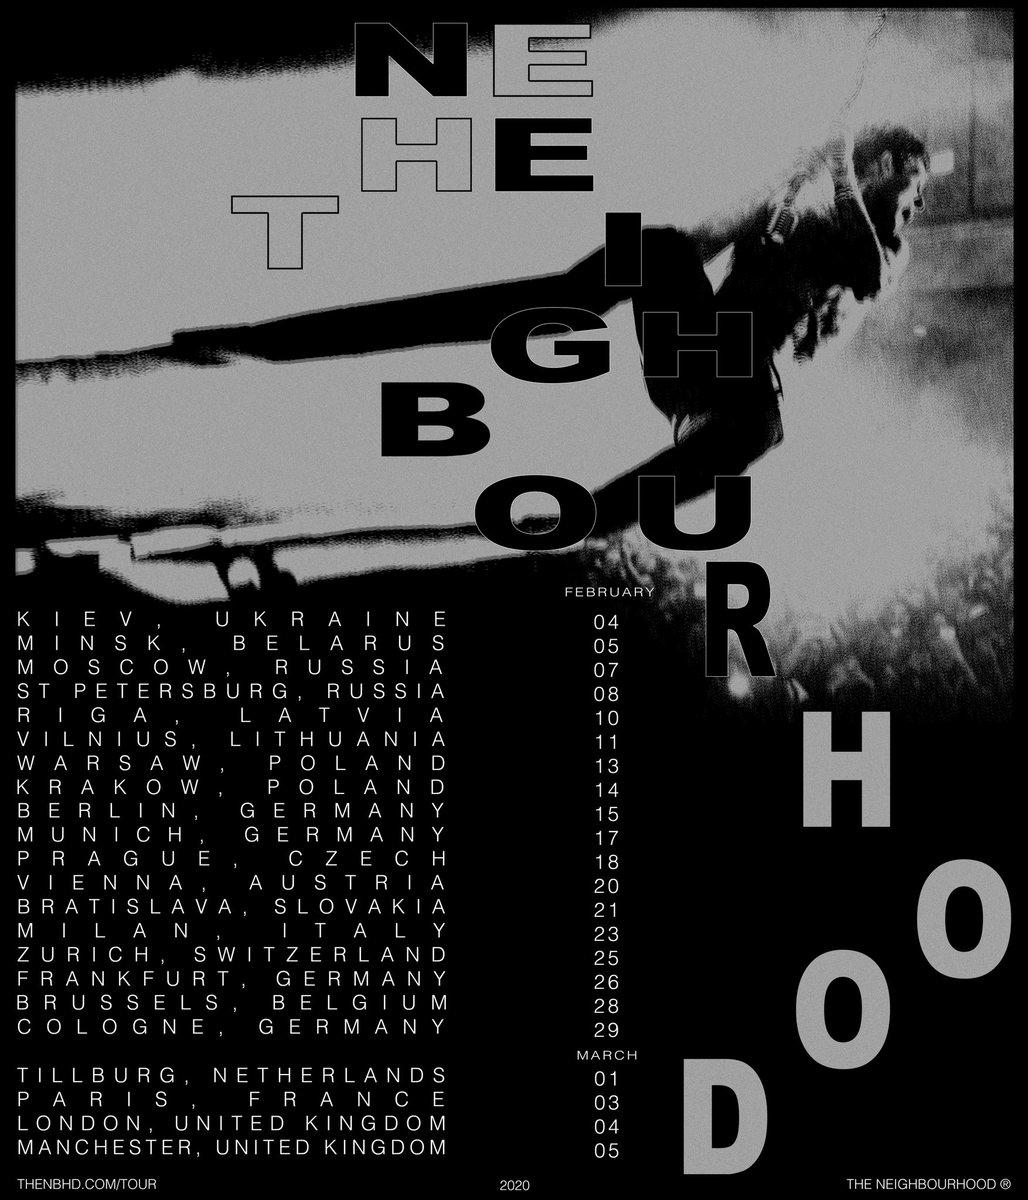 The Neighbourhood New Album 2020 The Neighbourhood (@thenbhd) | Twitter